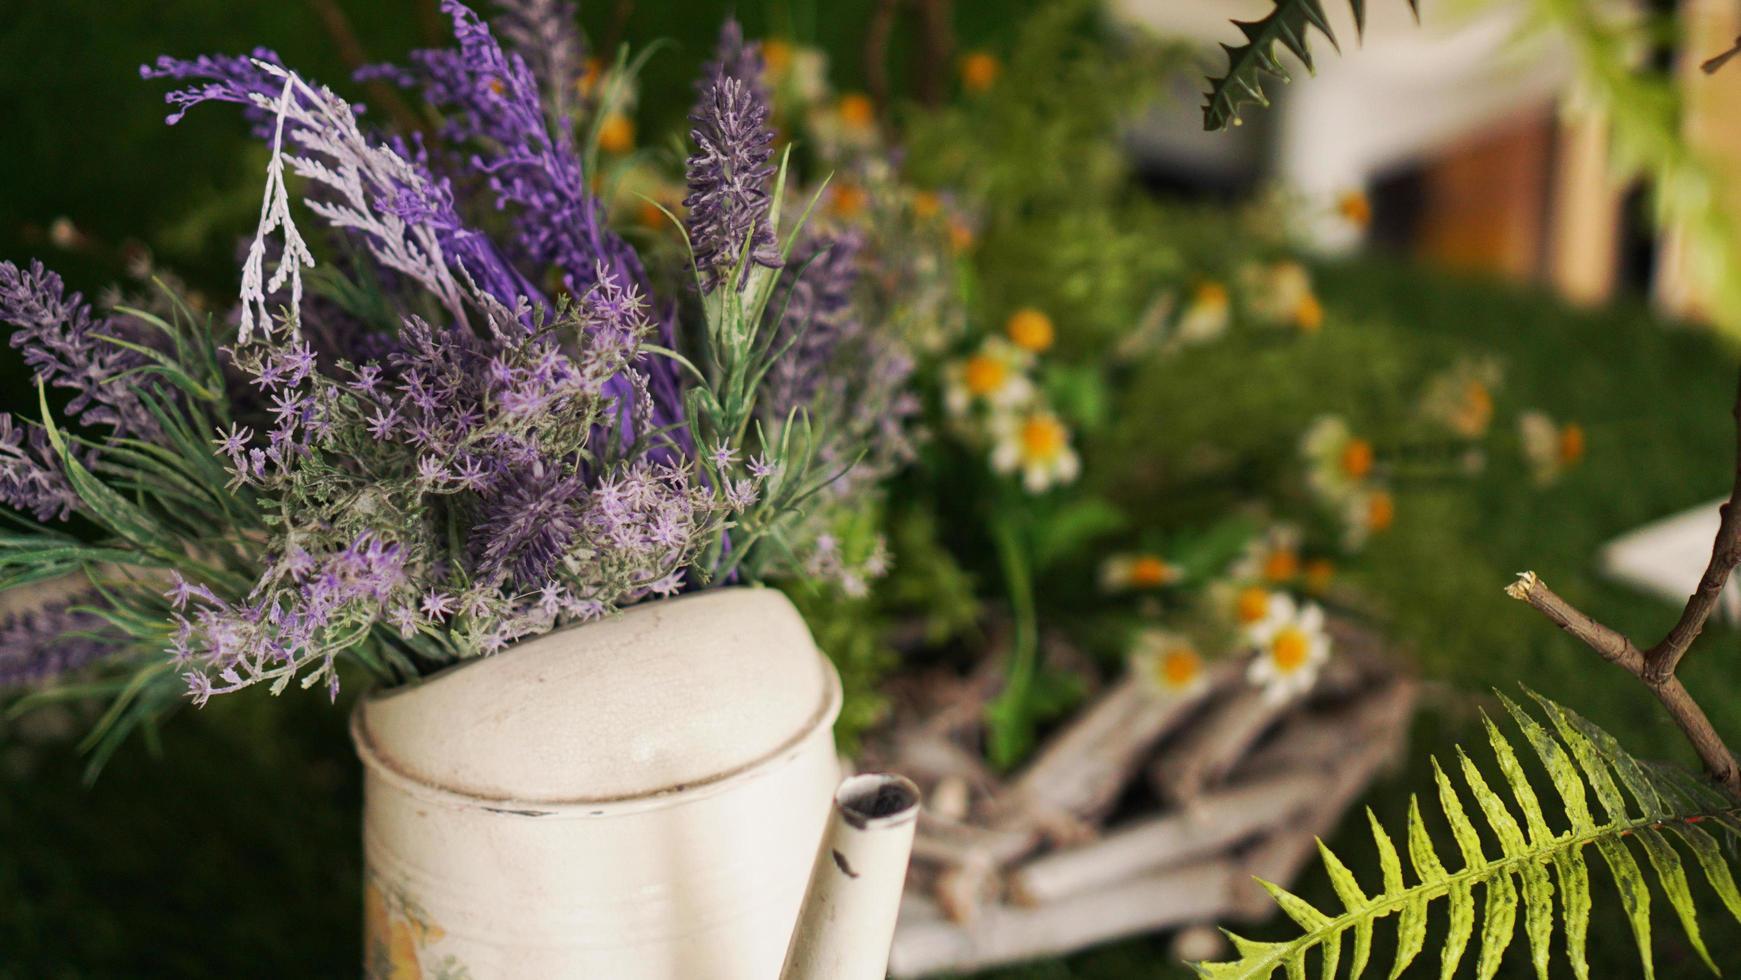 Lavendel in einer alten Teekanne. grünes Gras und Kamille foto